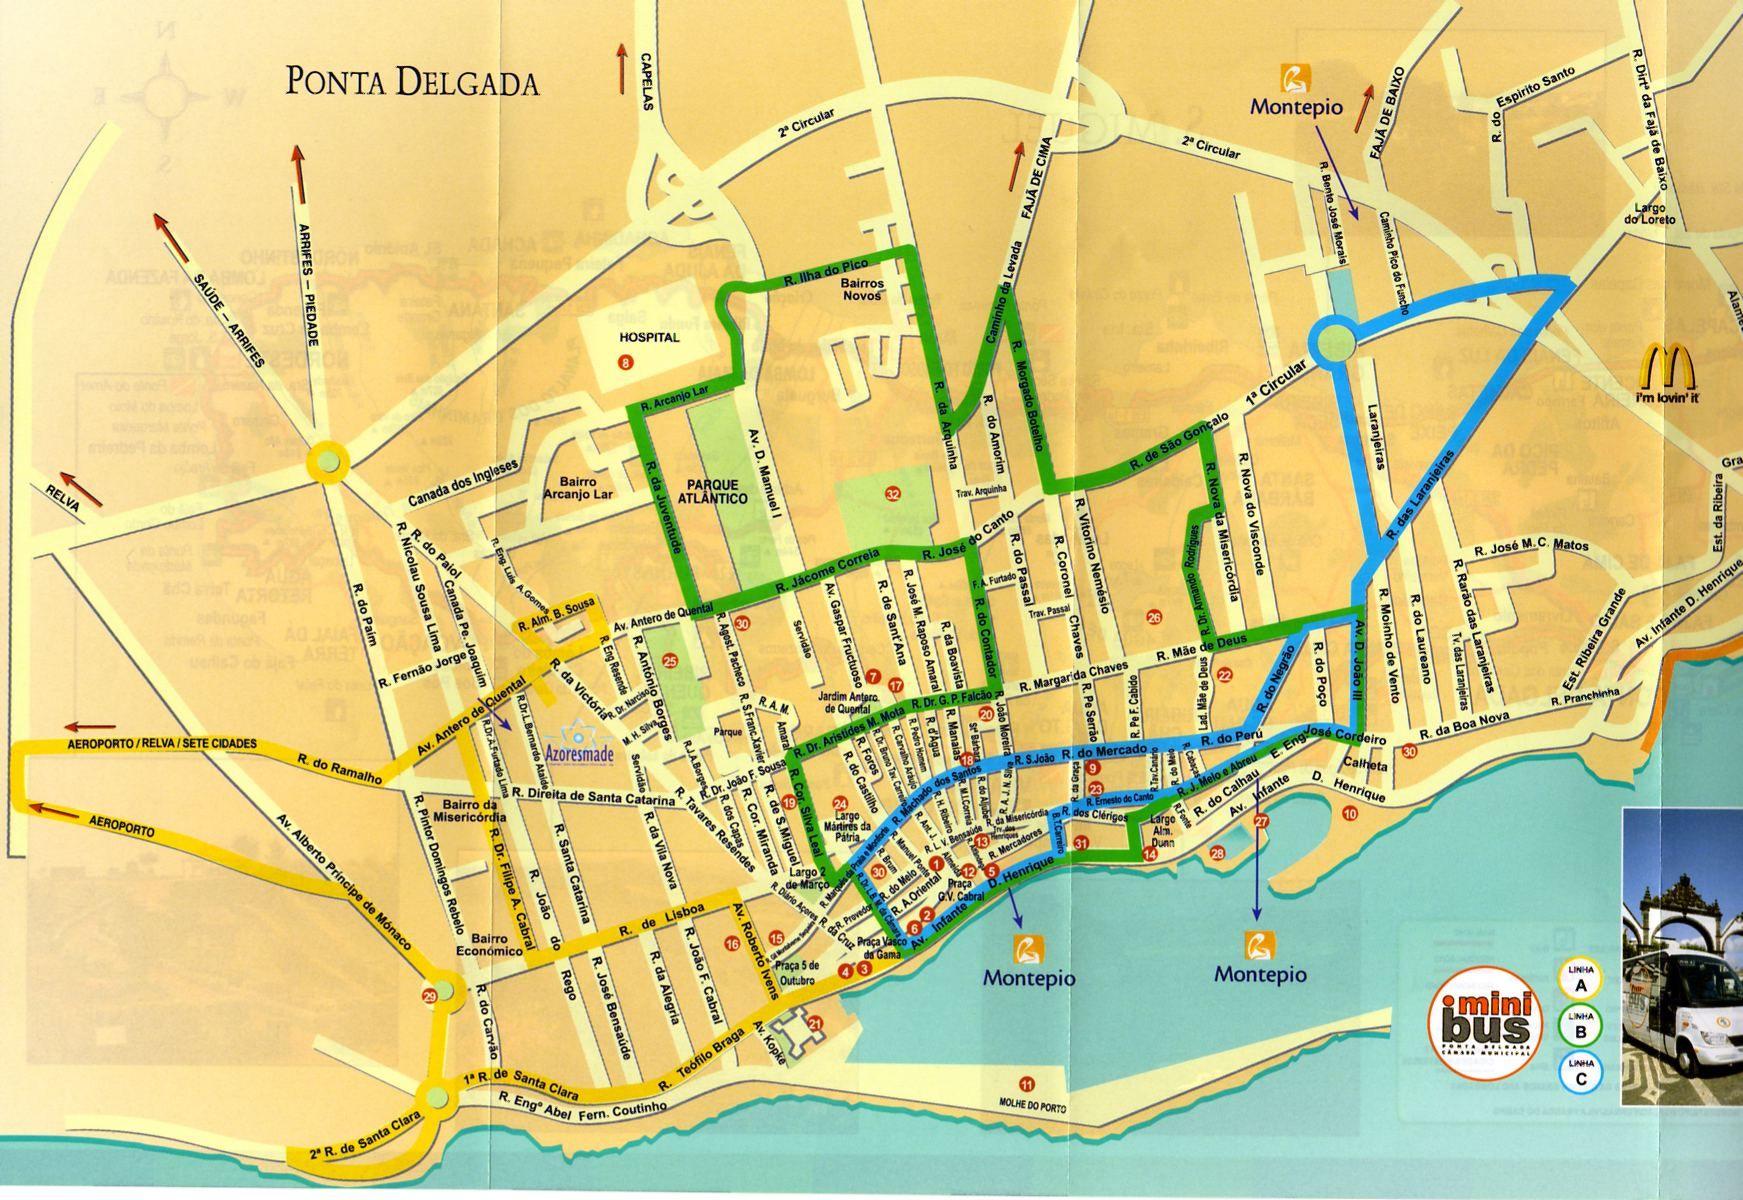 Ponta Delgada Azores Mini Bus Route Azores